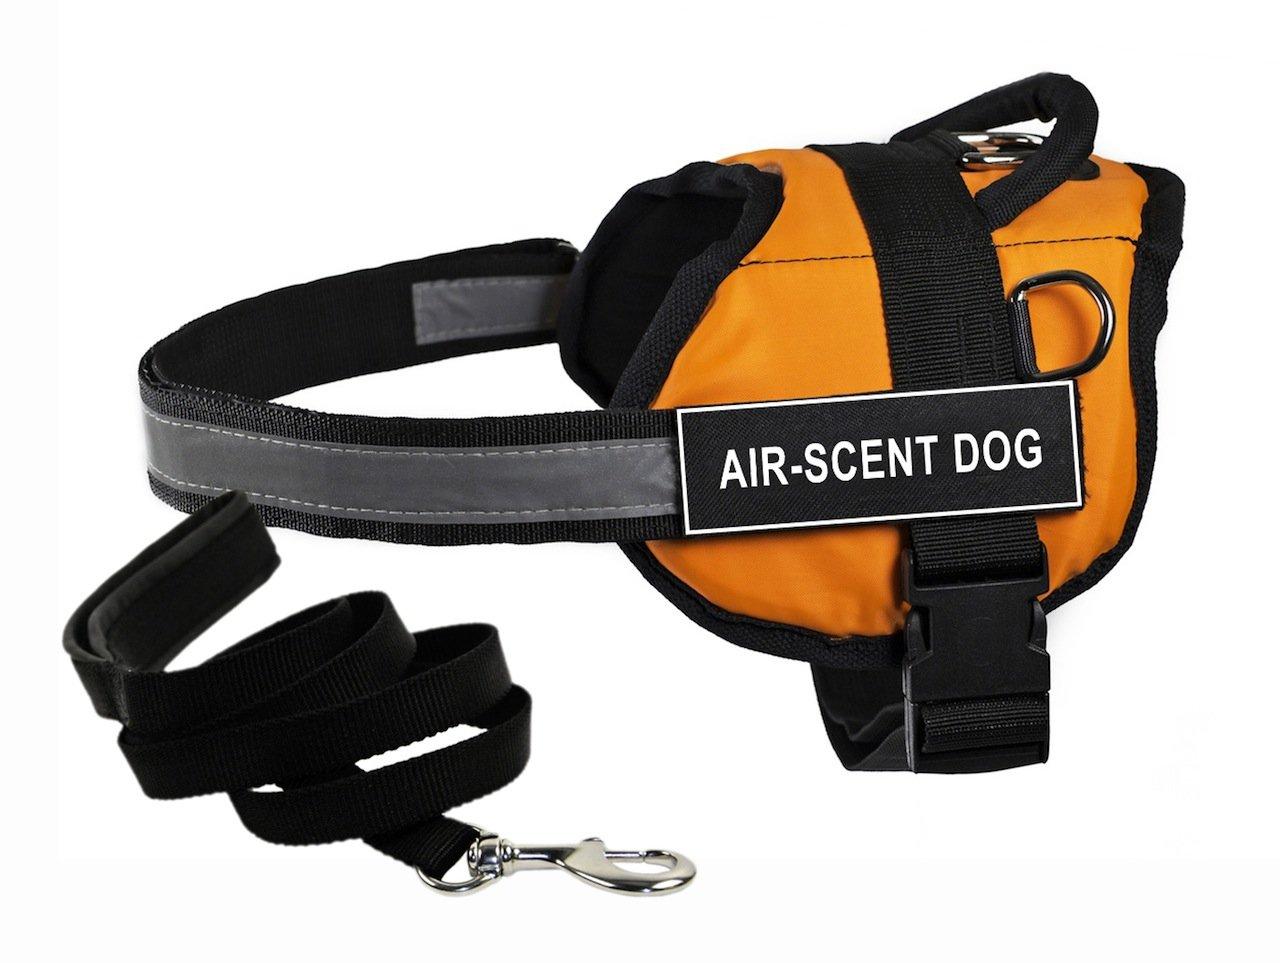 Dean & Tyler DT Works Arancione Air-Scent Cane, Piccolo, Piccolo, Piccolo, e Nero 1,8 m con Imbracatura Padded Puppy guinzaglio. 7a802d